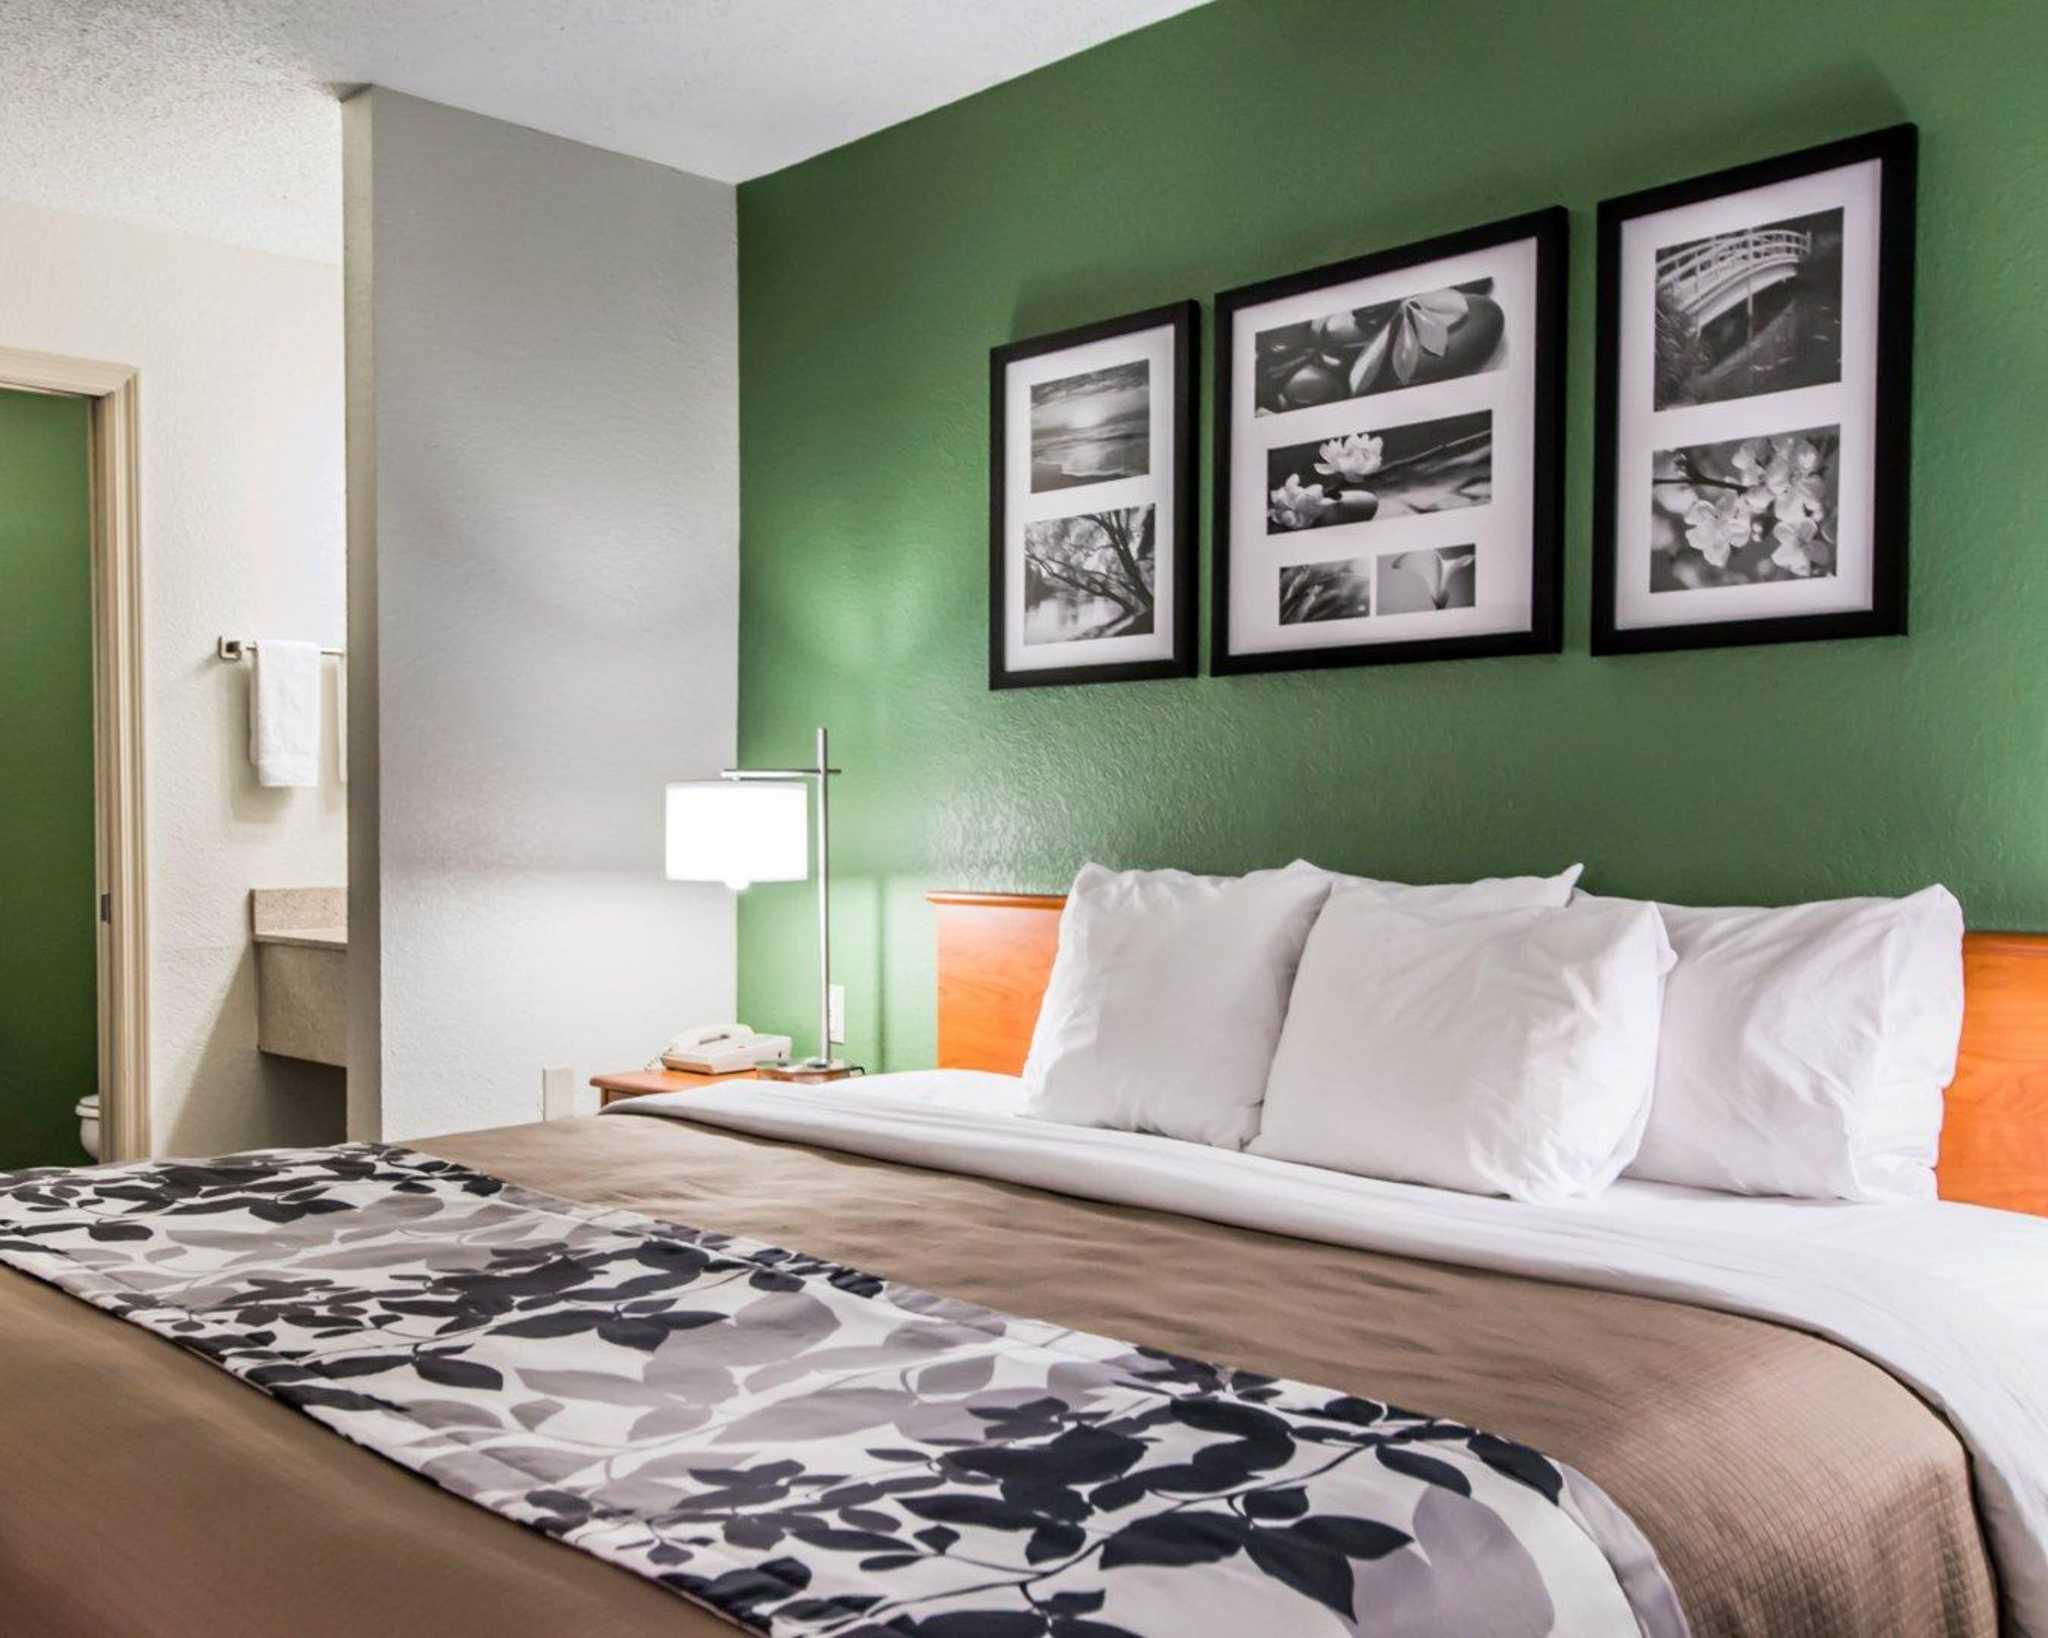 Sleep Inn image 4